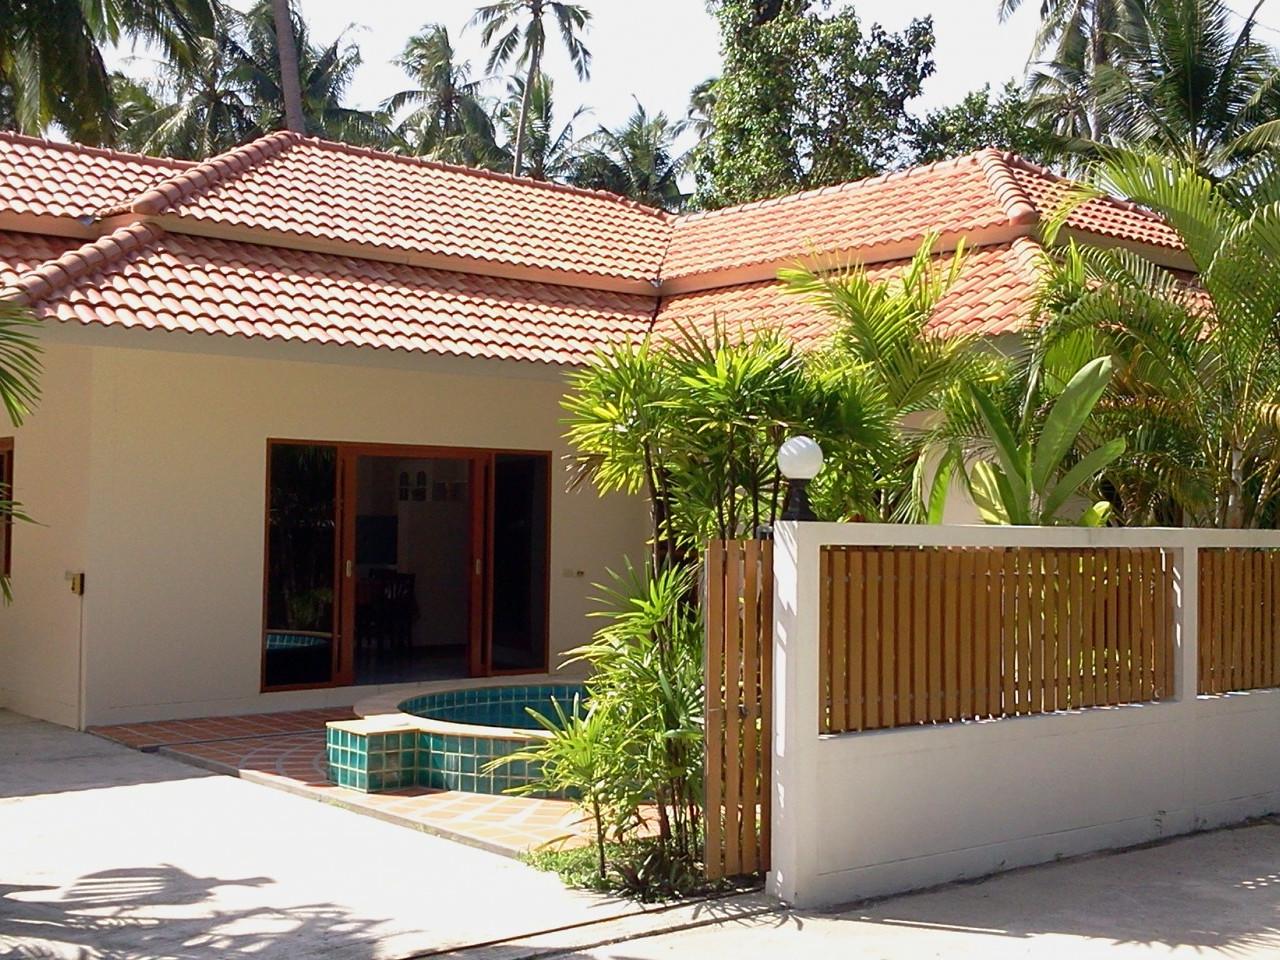 Ville Nasai in vendita a Koh Samui con jacuzzi e garage ad un ottimo prezzo